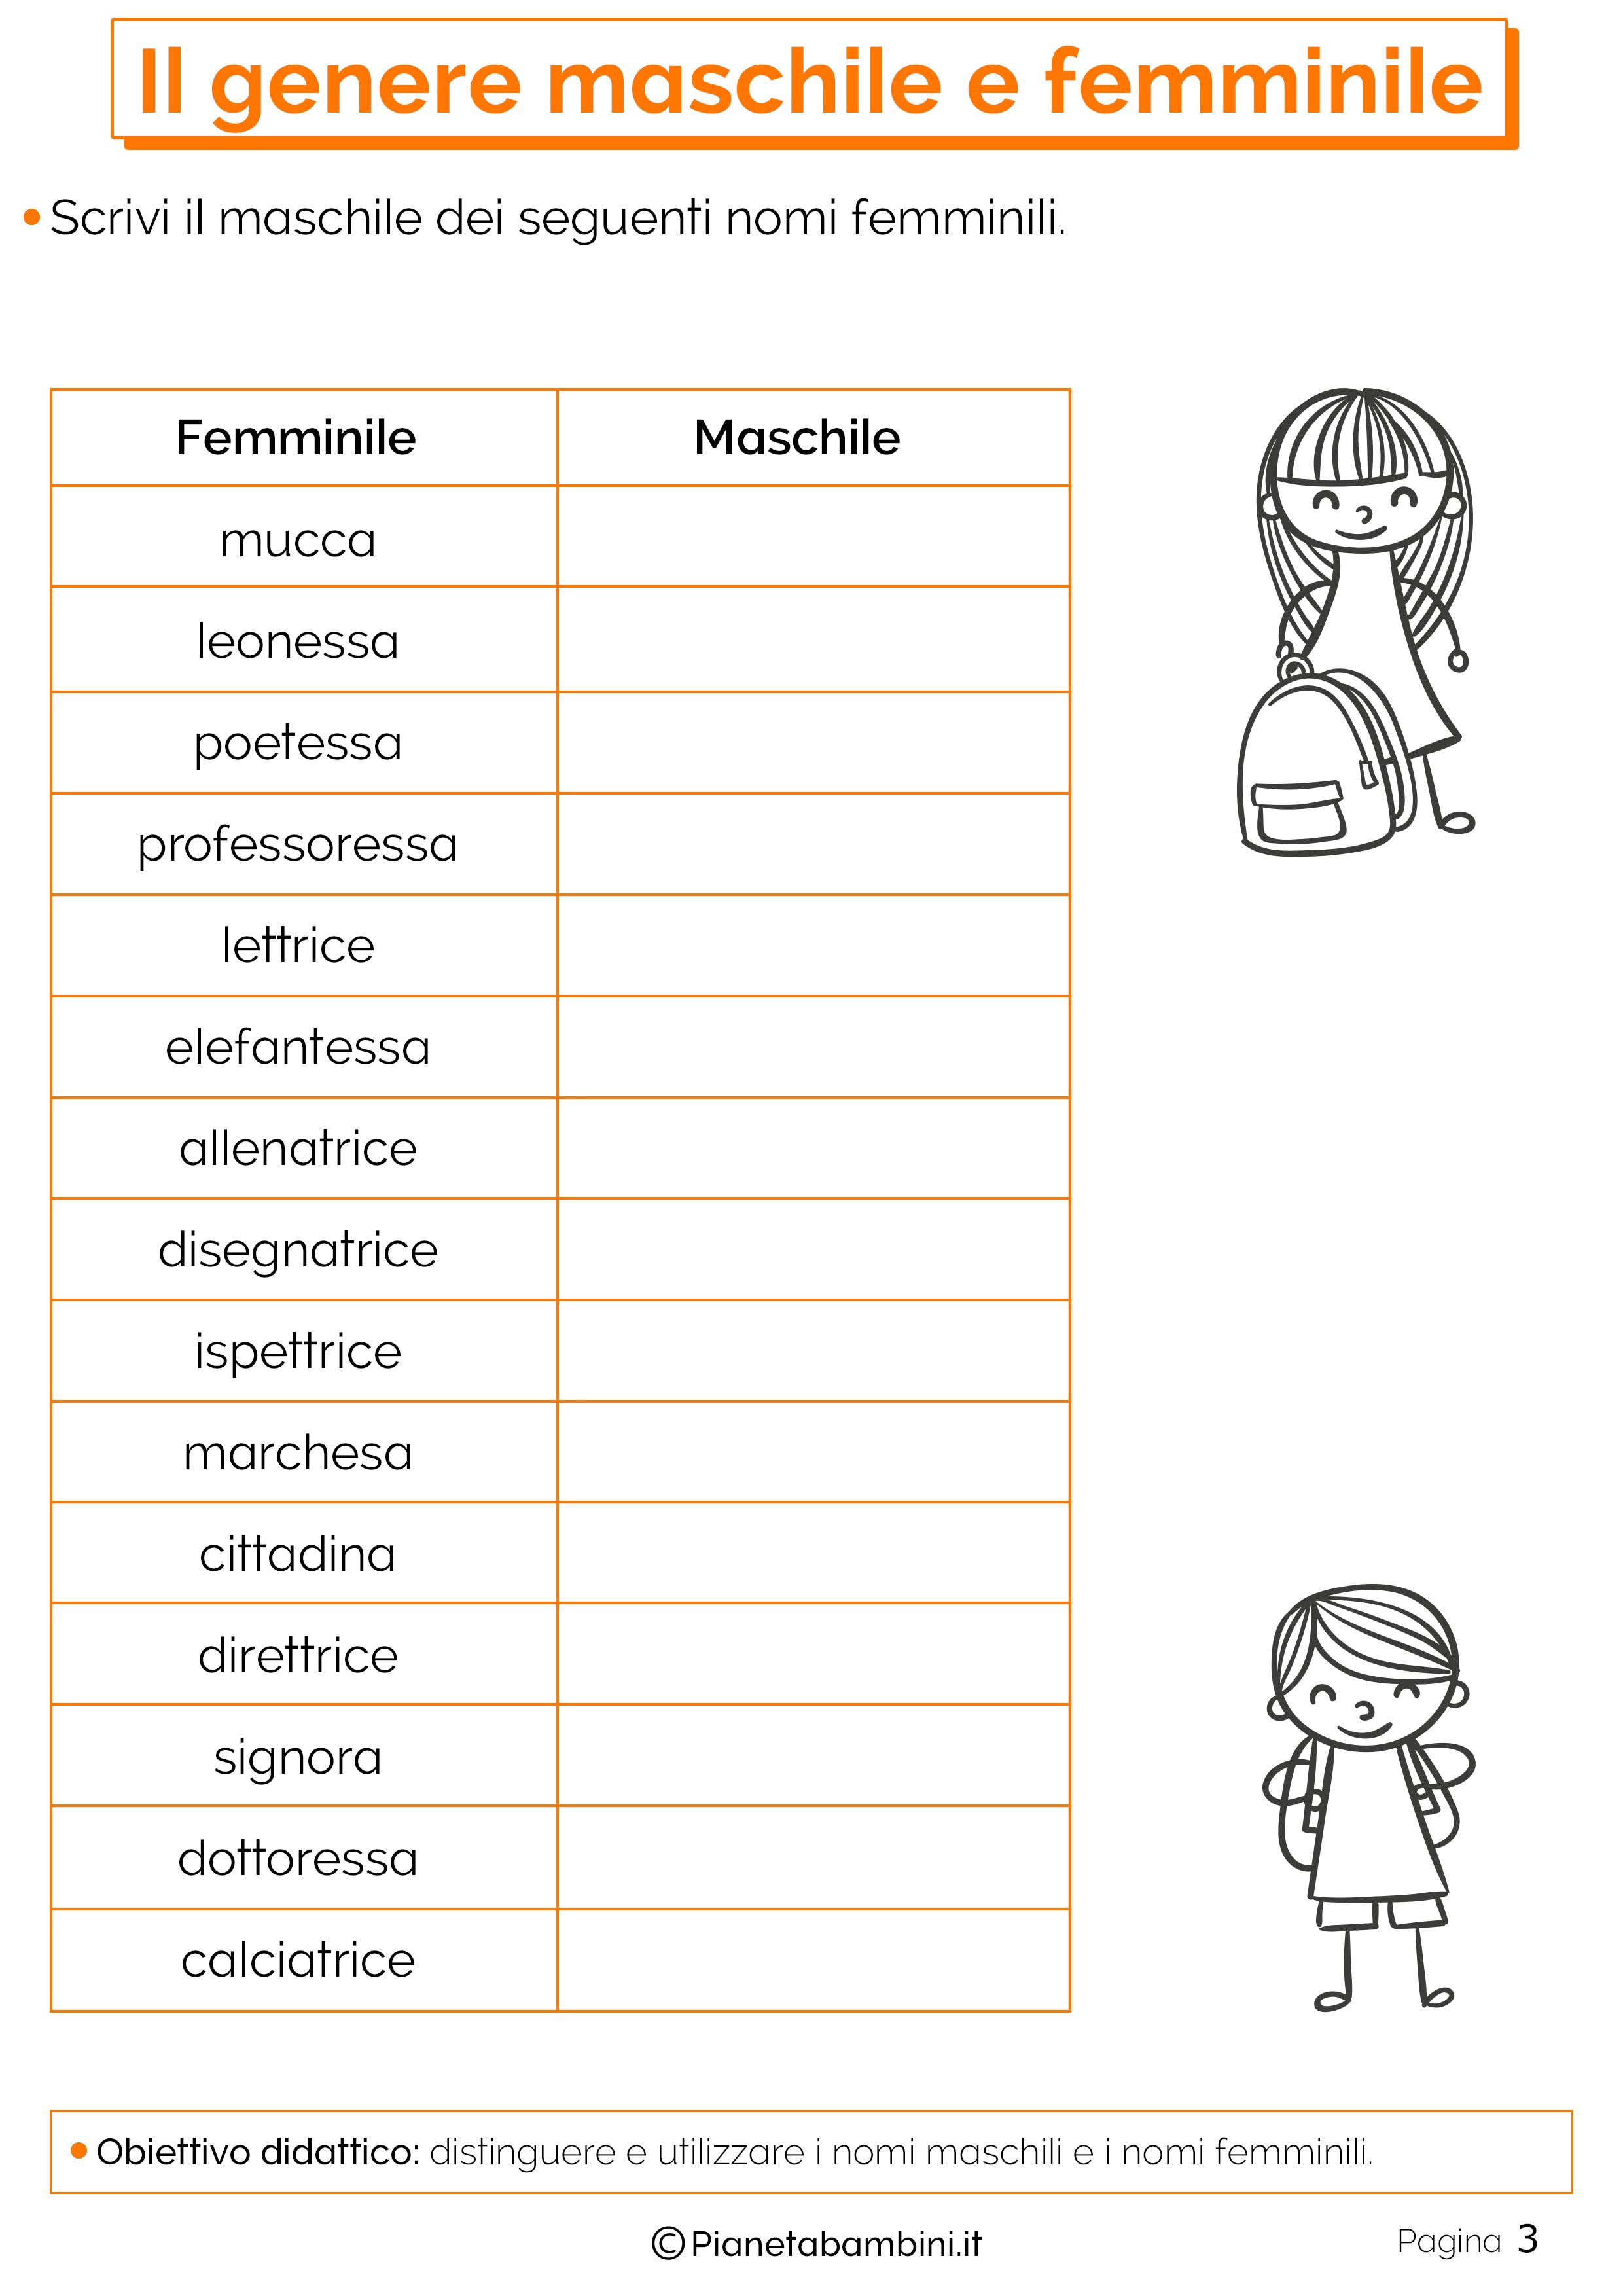 Esercizi sul genere maschile e femminile 3